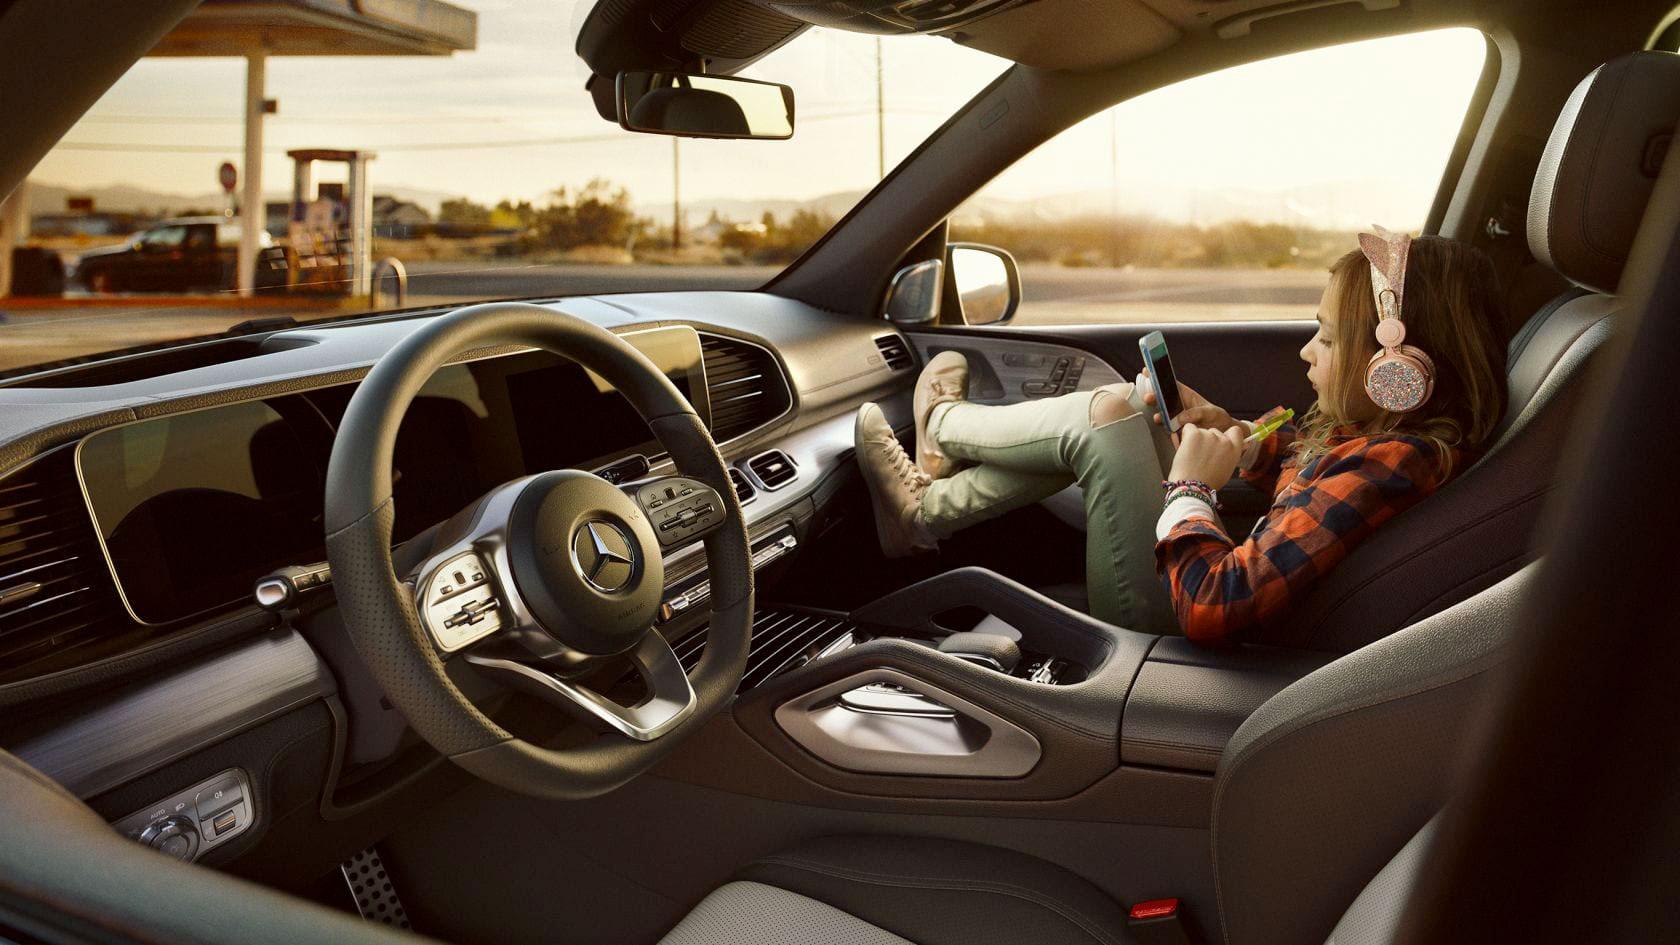 Essai auto Trajectoire Magazine : Mercedes GLE 450 4MATIC